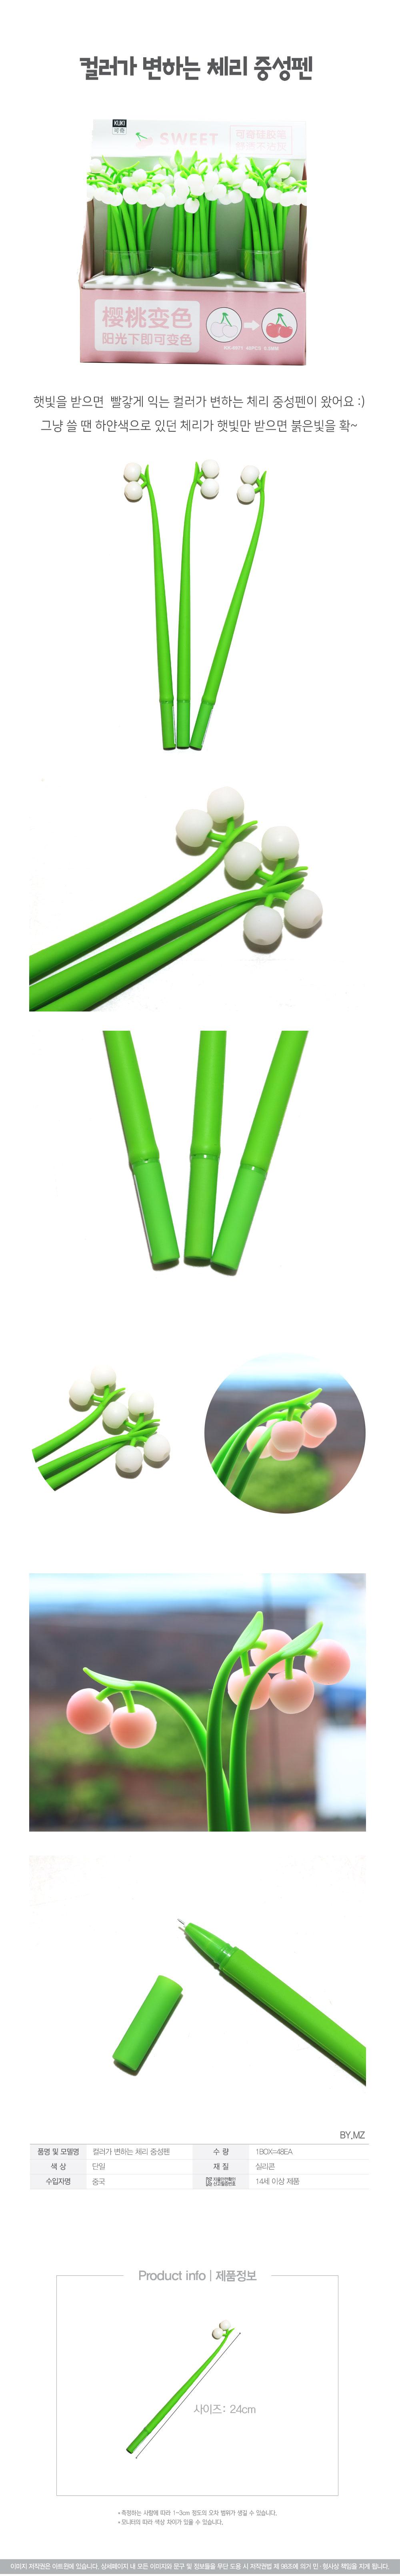 2000색이변하는체리중성펜BOX - 아트윈, 95,900원, 볼펜, 심플 볼펜